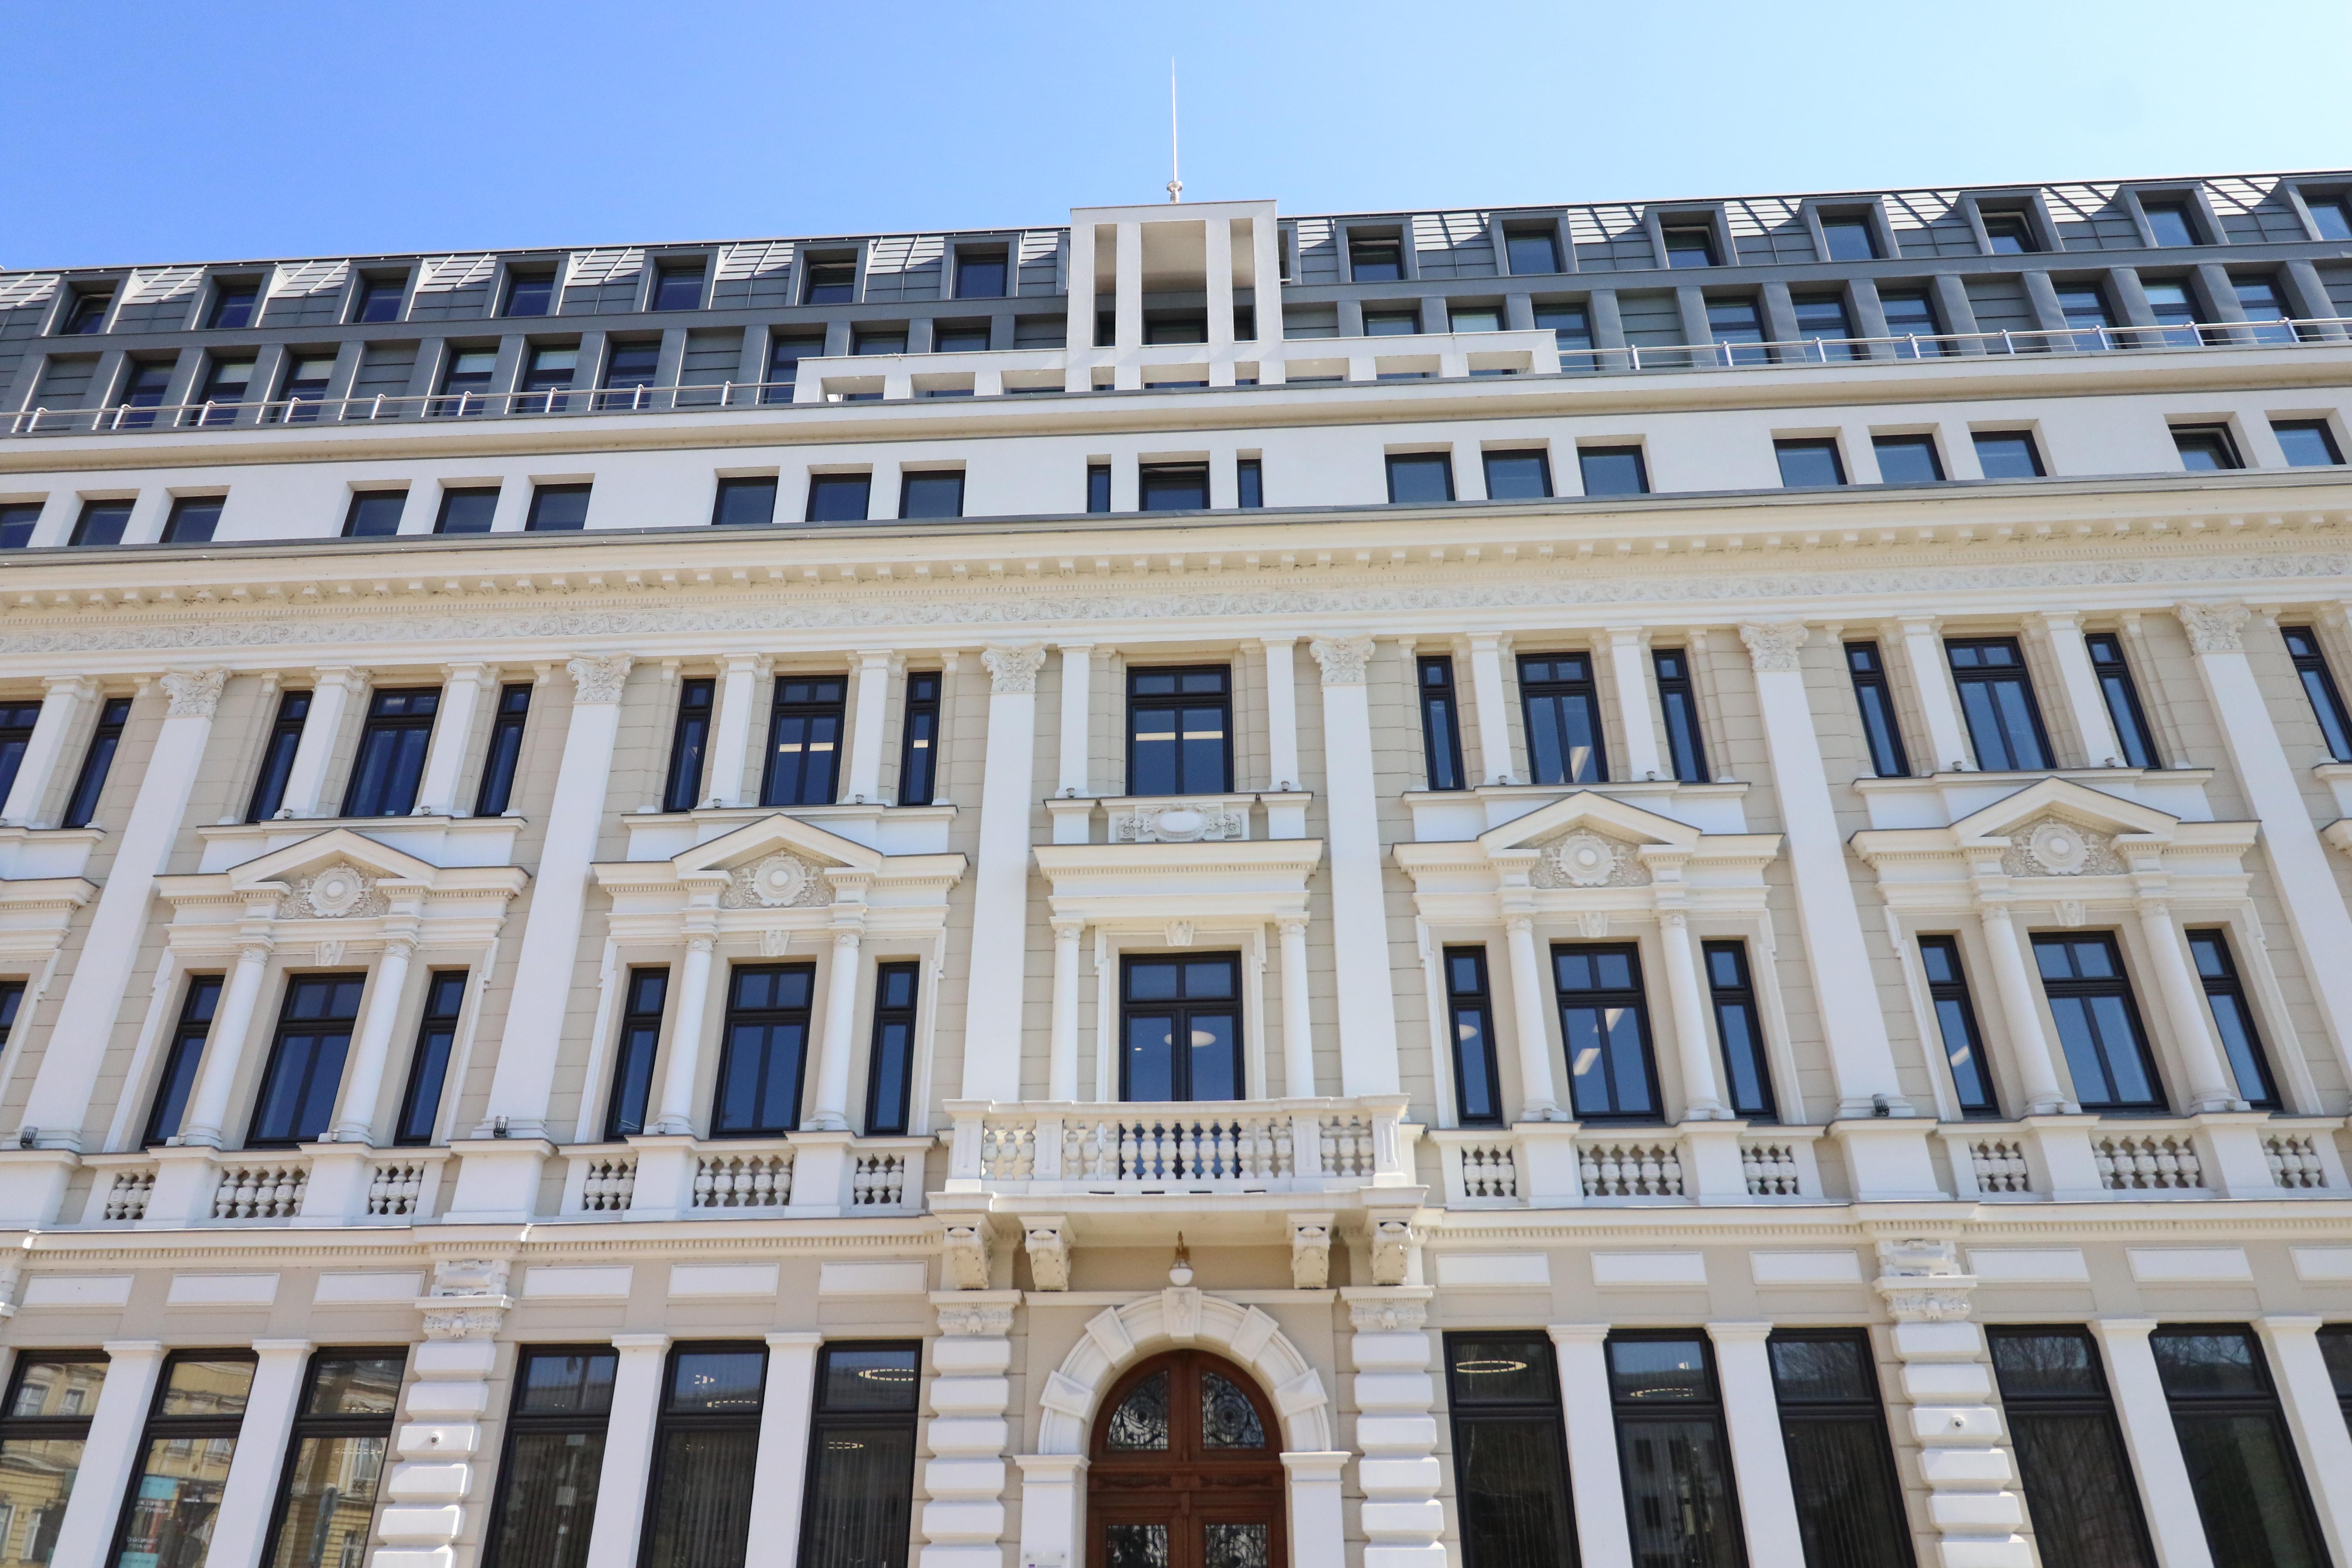 """Концертен комплекс """"България"""". През 1932 е проведен конкурс за архитектурен проект, който е спечелен от архитектите Станчо Белковски и Иван Данчов."""